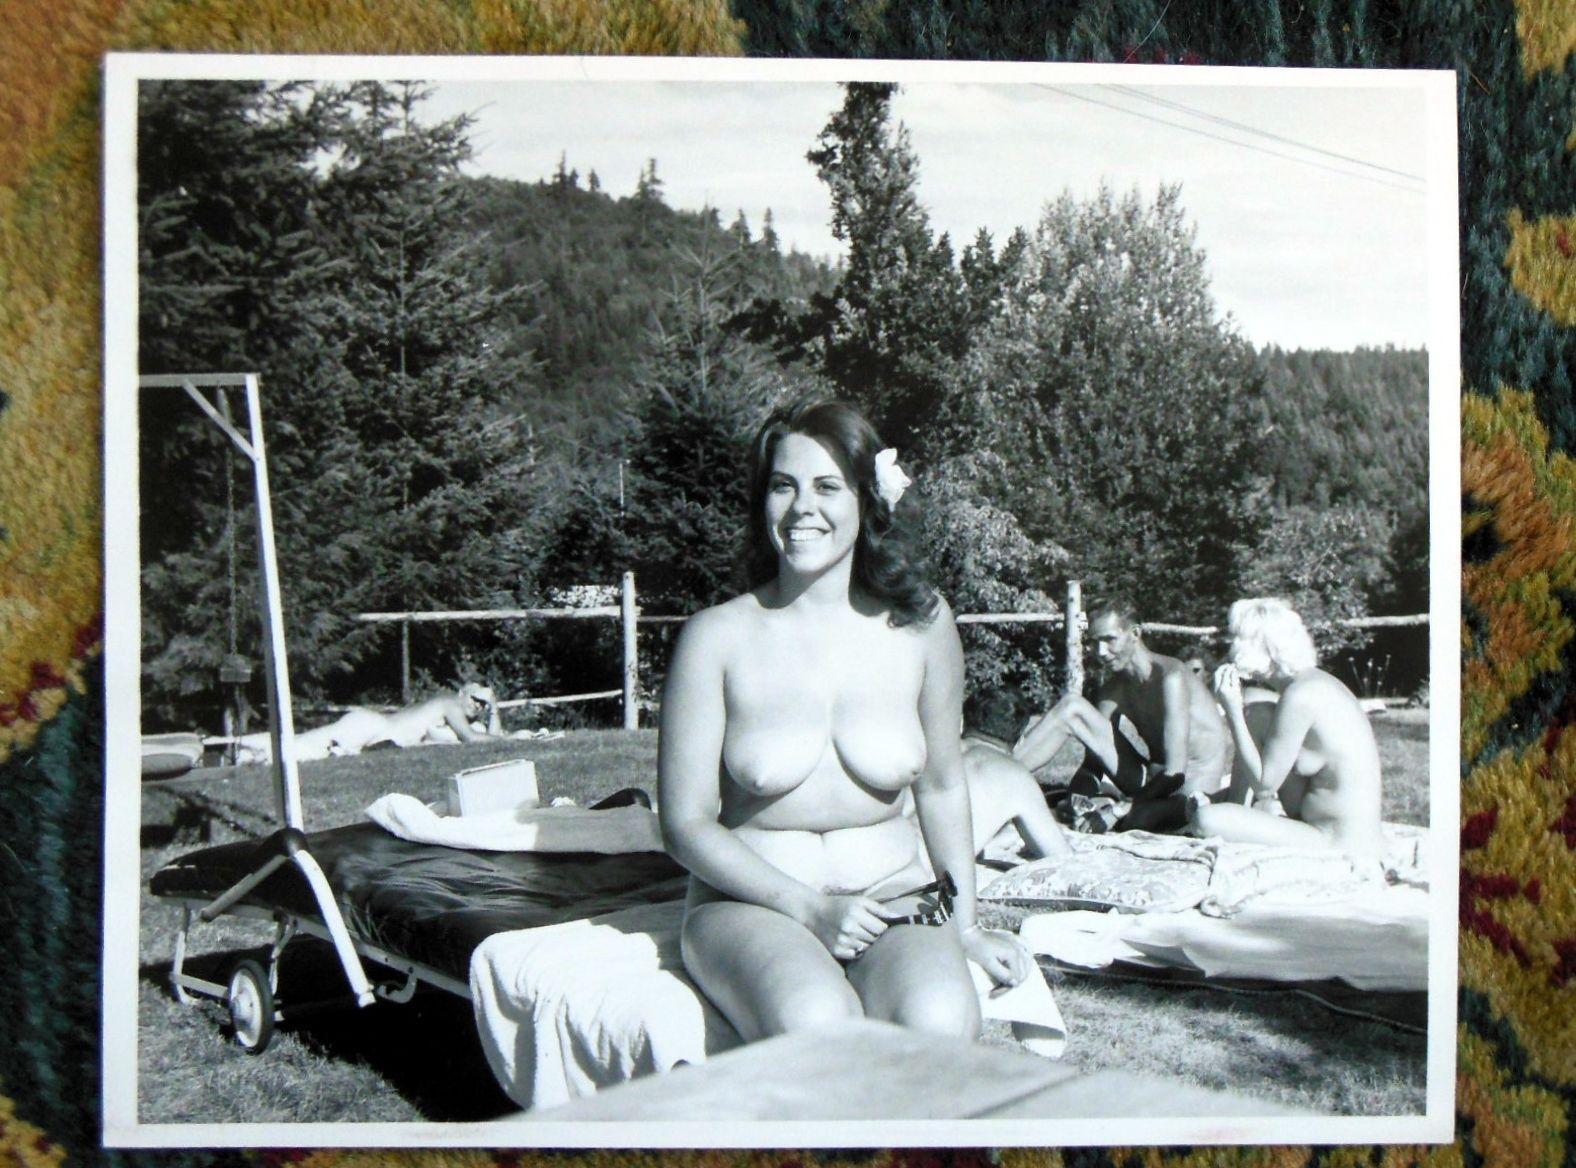 The word camp nudist vintage